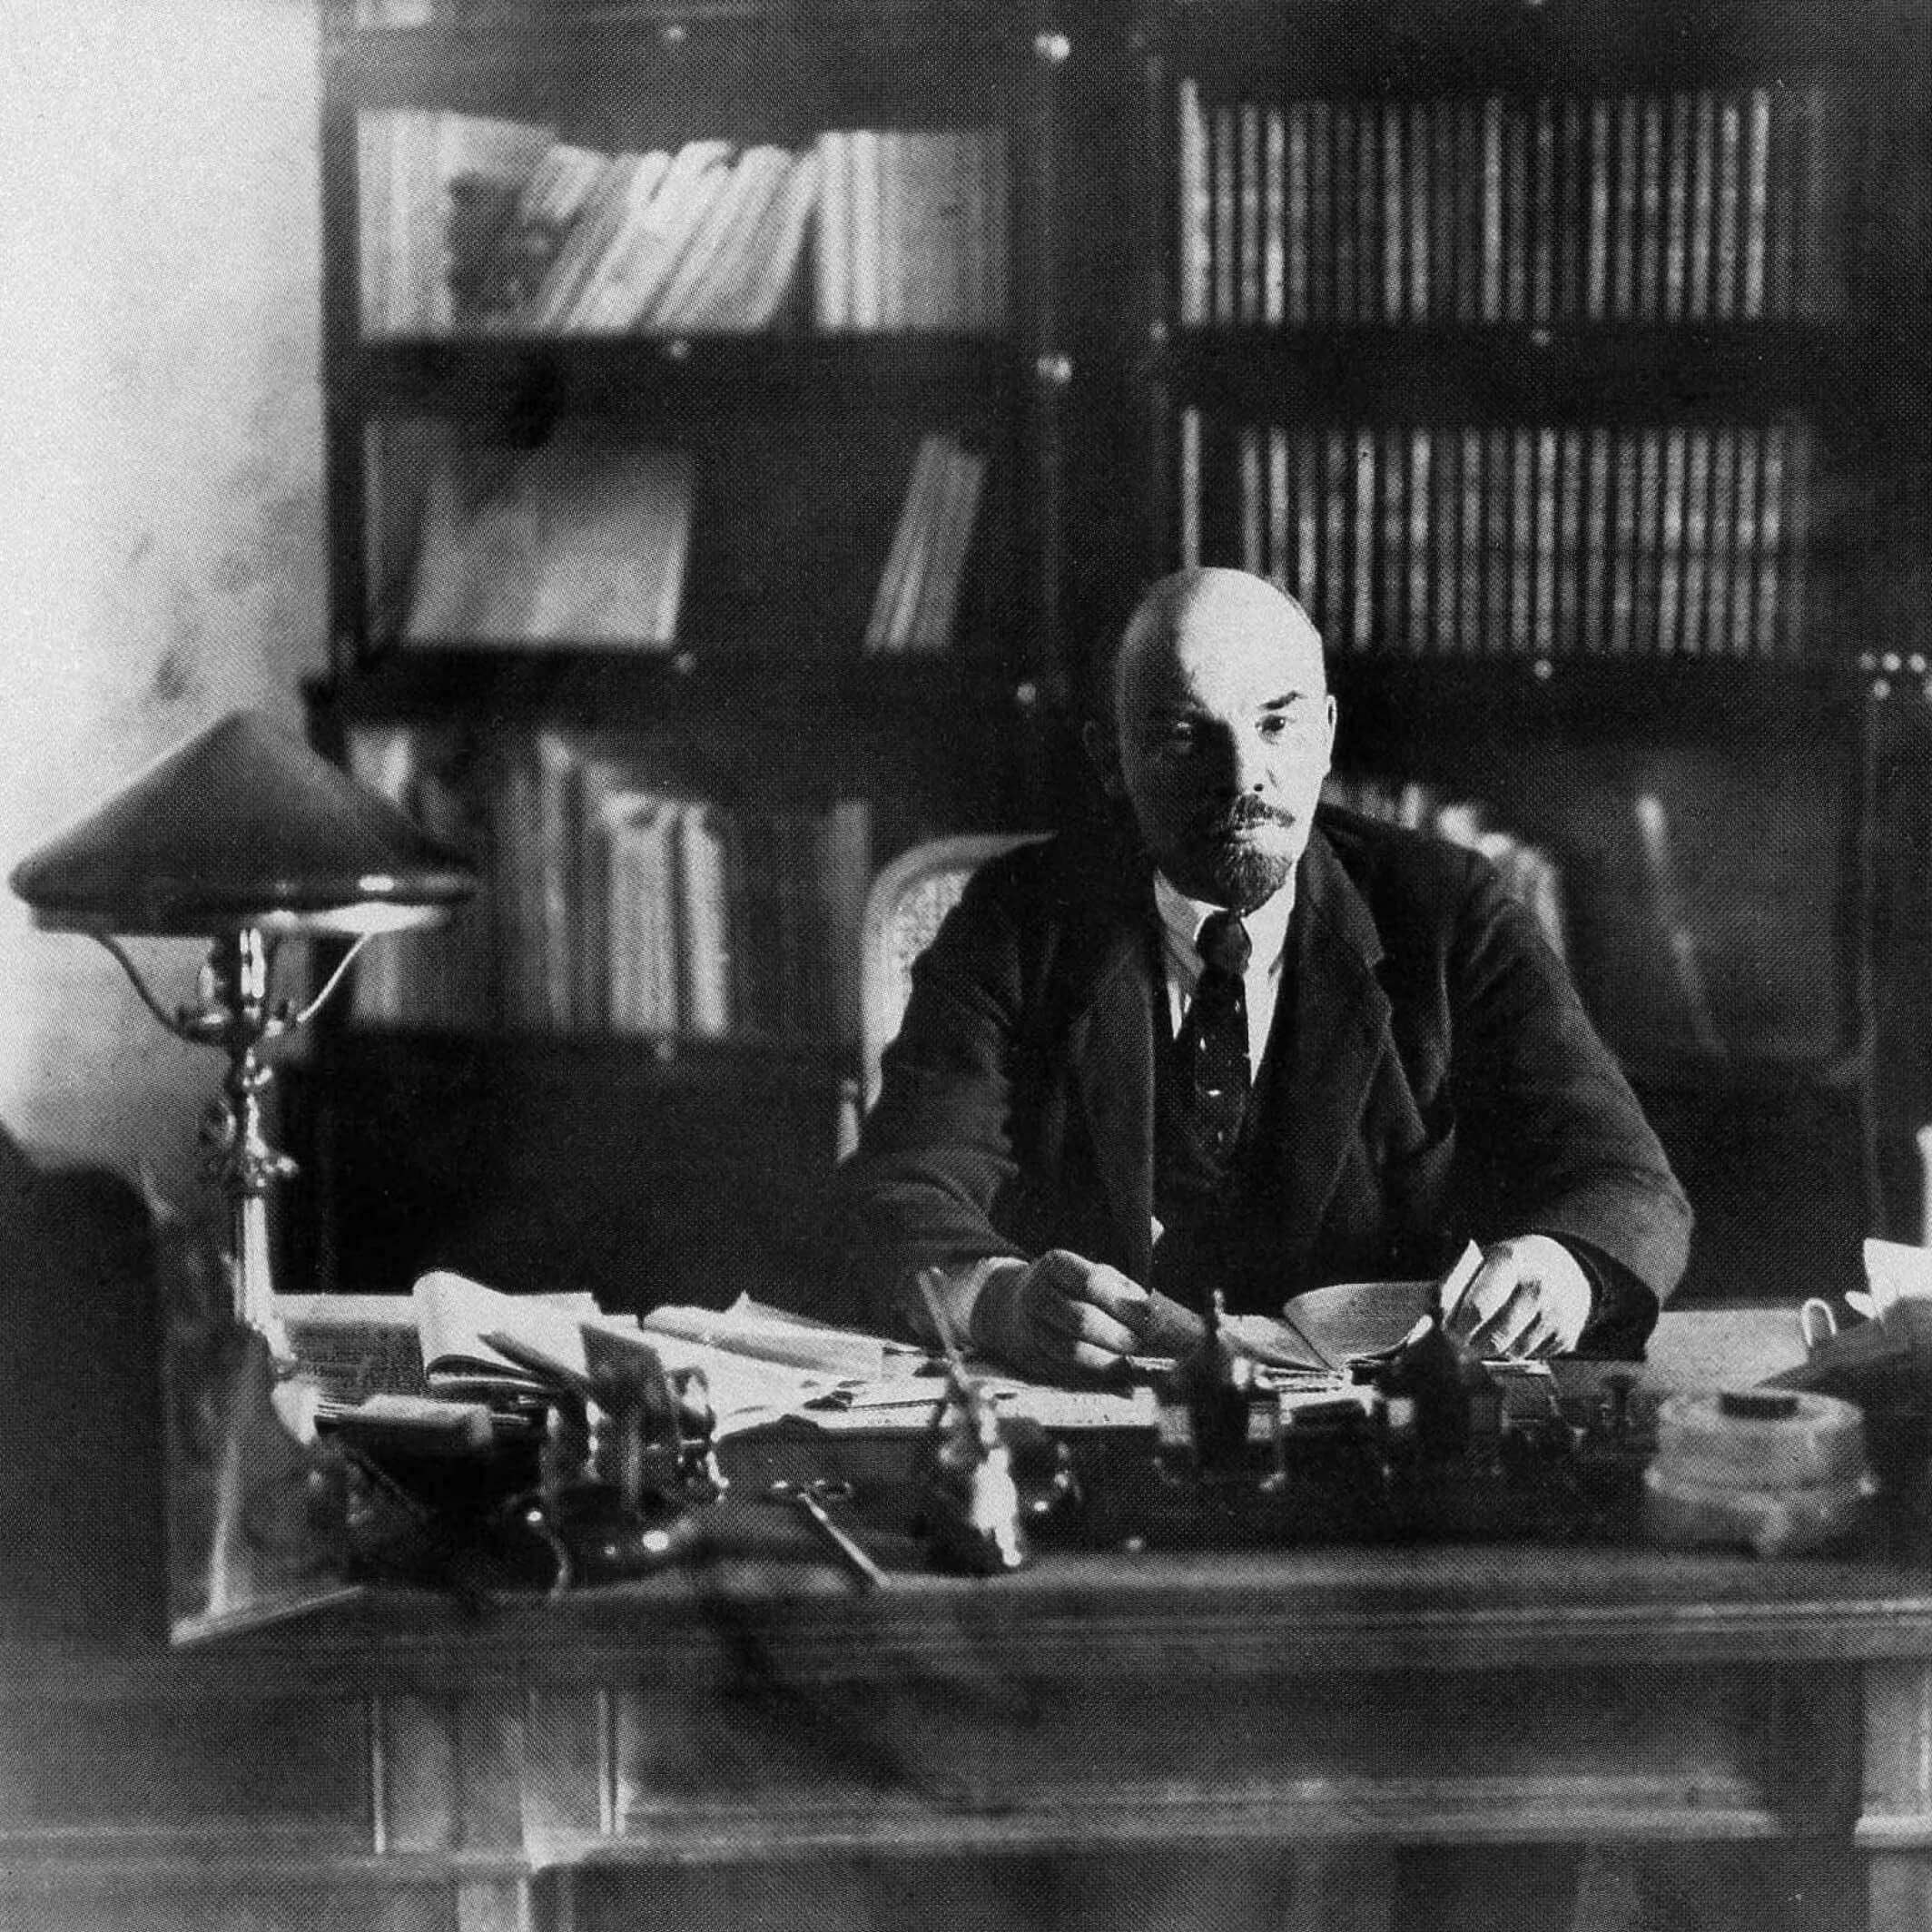 Ленин зарабочим столом всвоем кабинете вКремле, октябрь 1918г. Фотограф: П. А. Оцуп